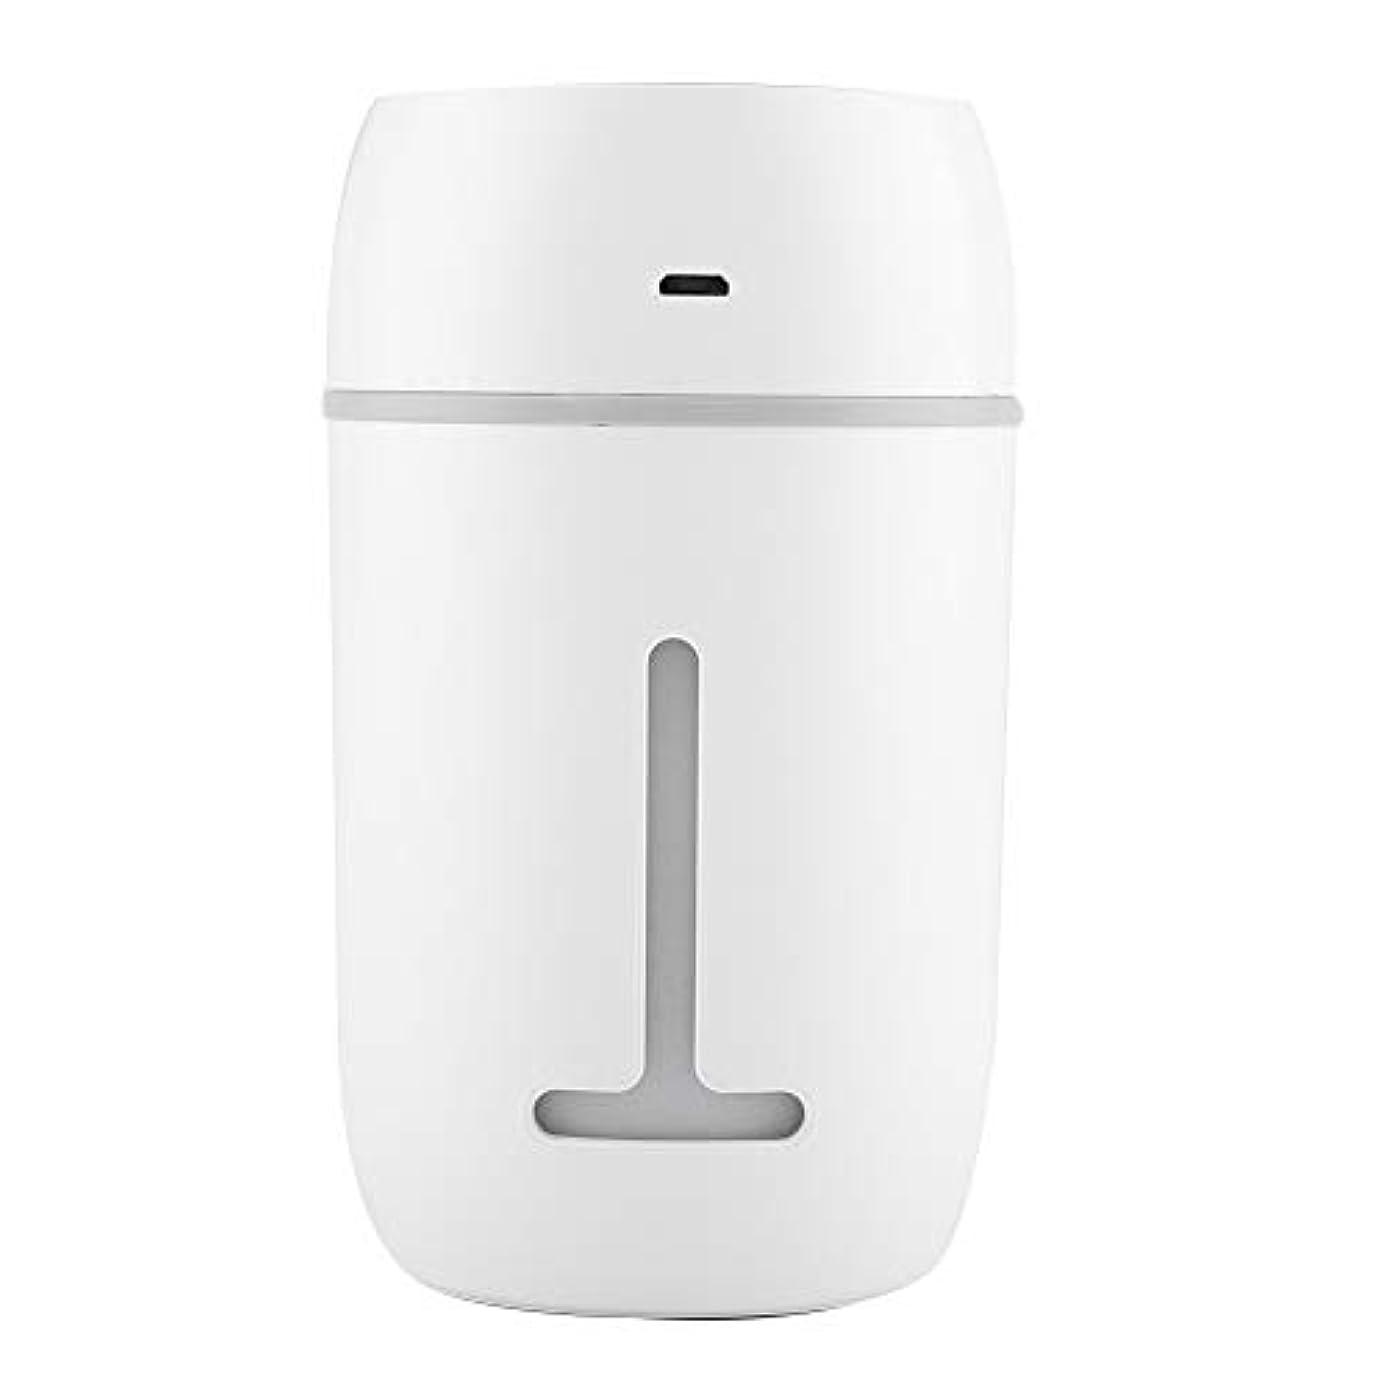 ミニUSB加湿器、超音波クールミスト加湿器充電式ポータブルカーオフィス加湿器ディフューザー7色LEDライト